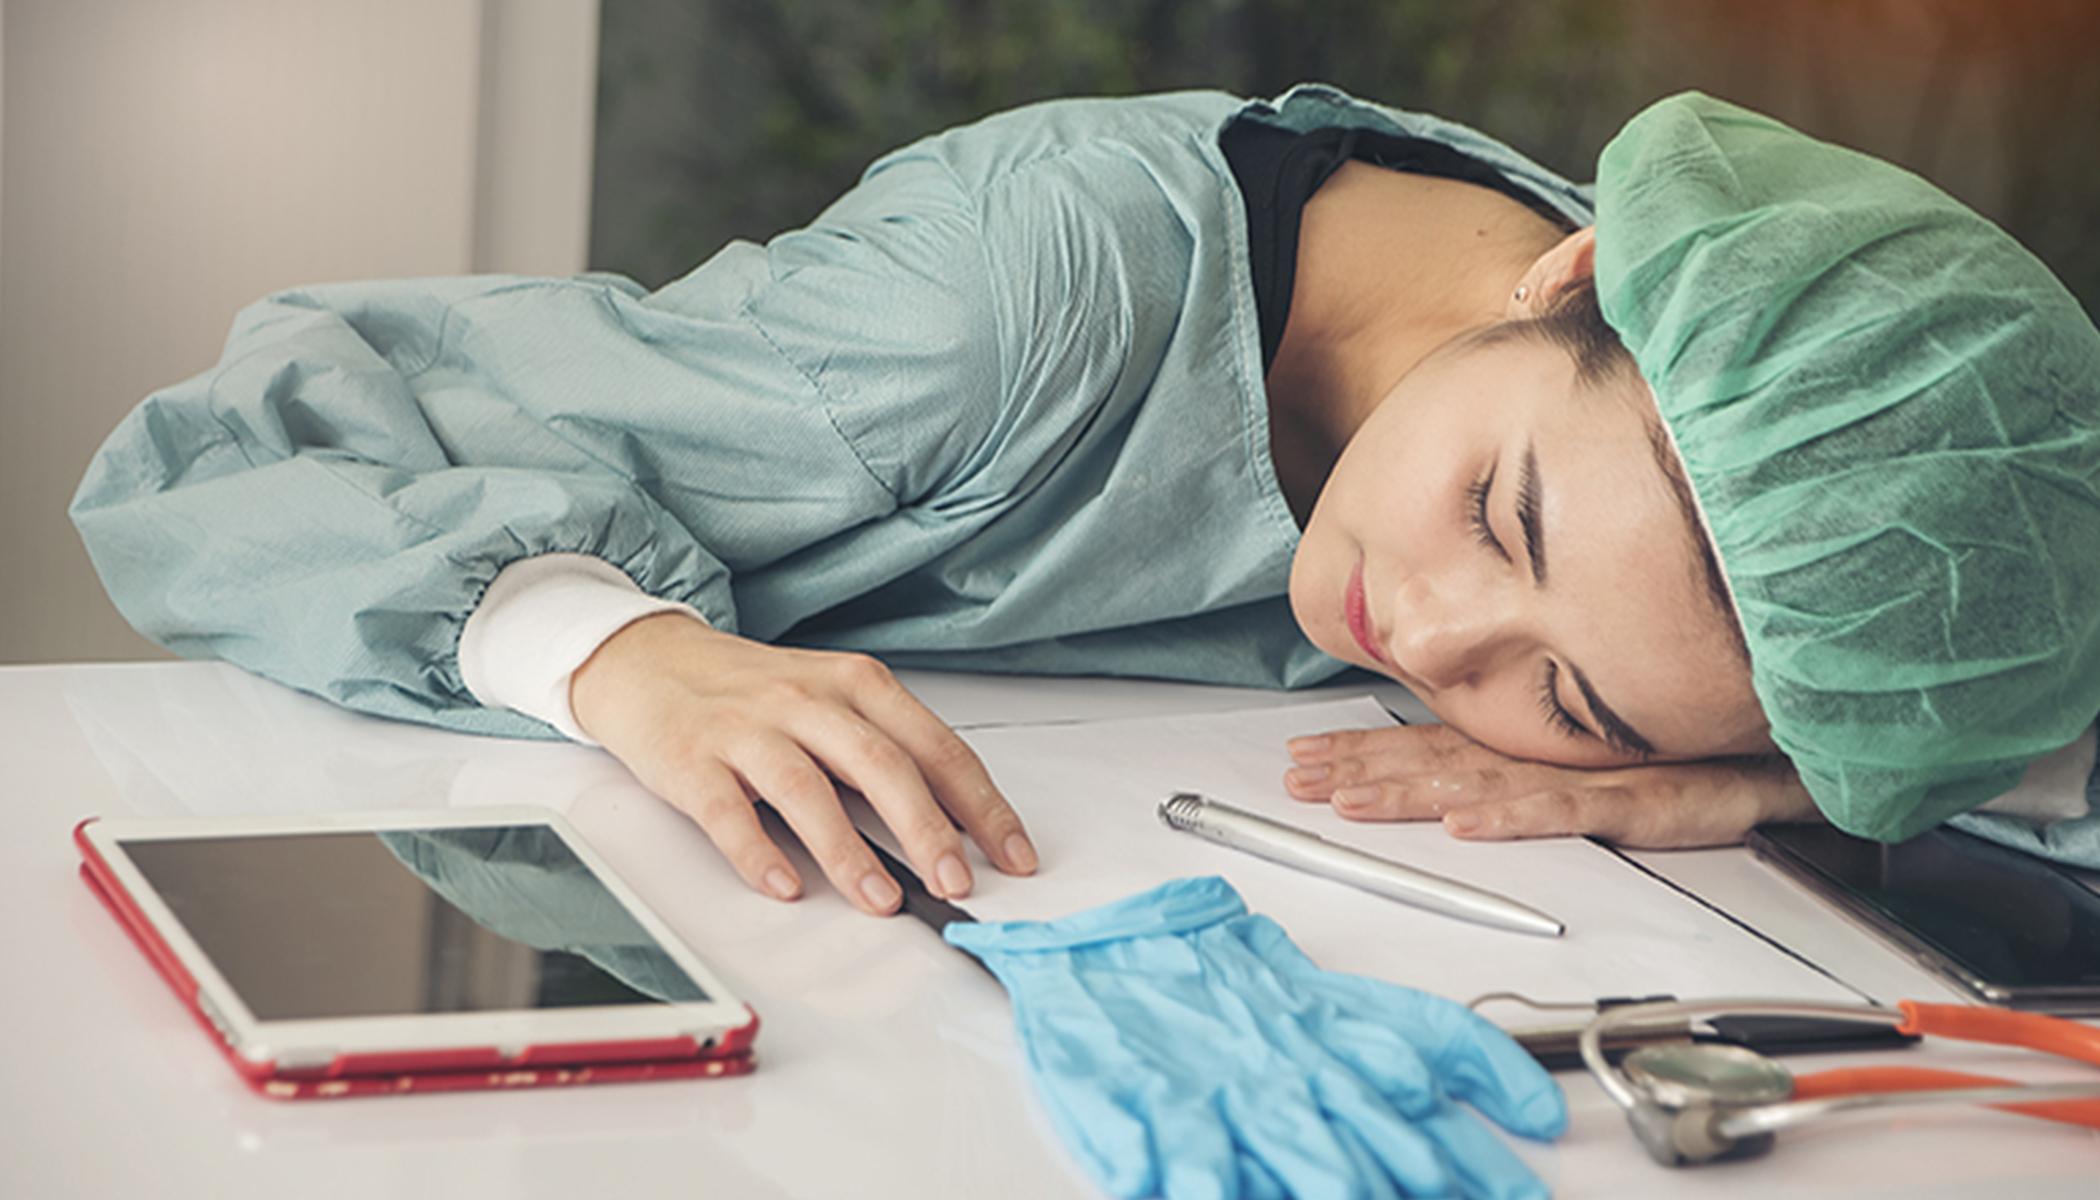 Спящий врач картинка